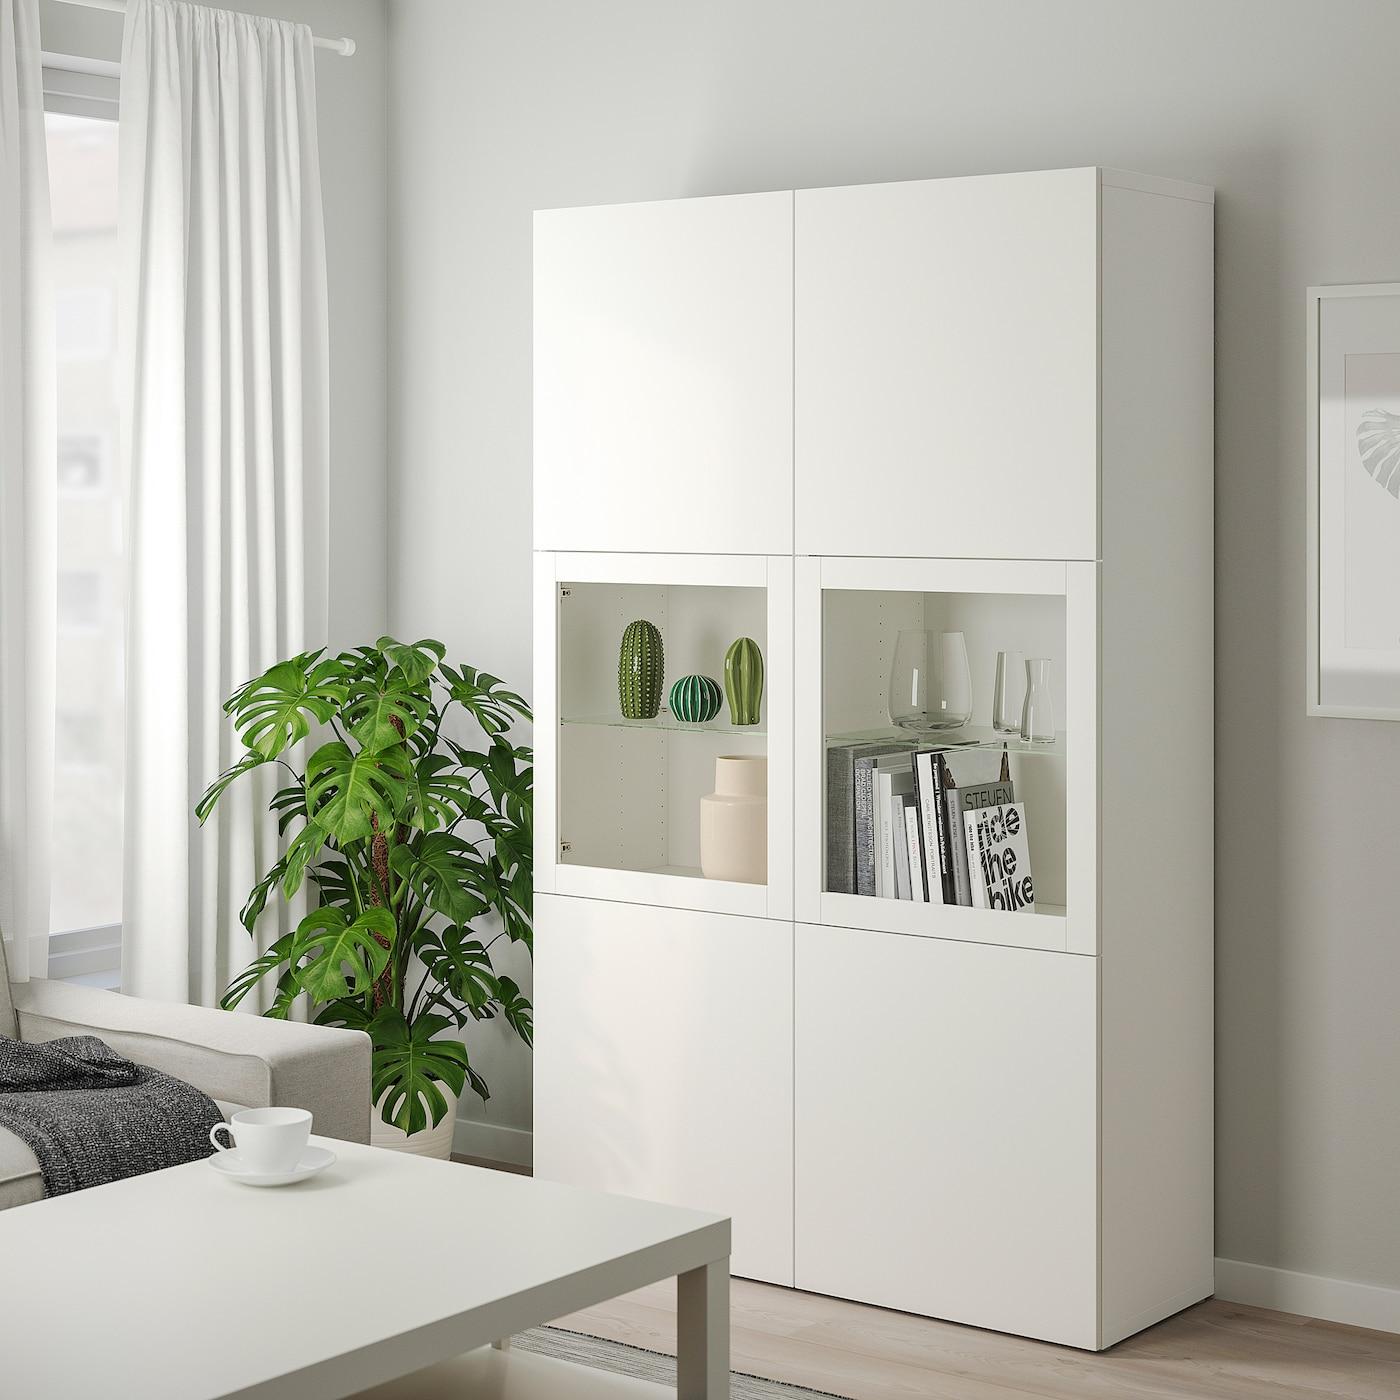 BESTÅ Vitrine - Lappviken/Sindvik Klarglas weiß 9x9x9 cm